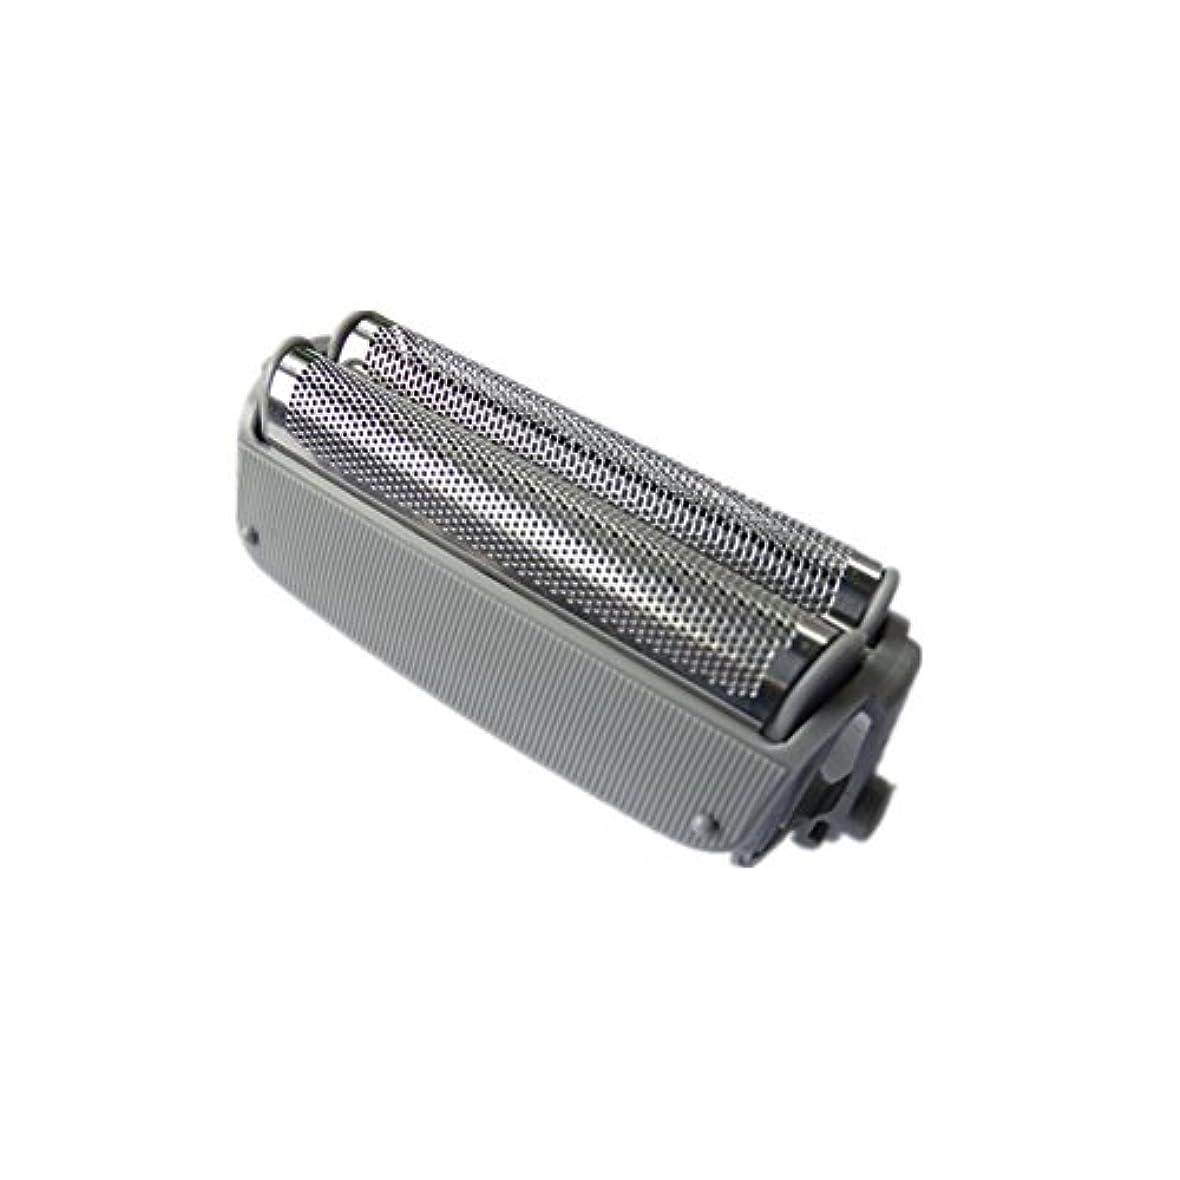 トランスペアレント髄イデオロギーHZjundasi Replacement Shaver Outer ホイル for Panasonic?ES4033/4035/4036/4027/RW30